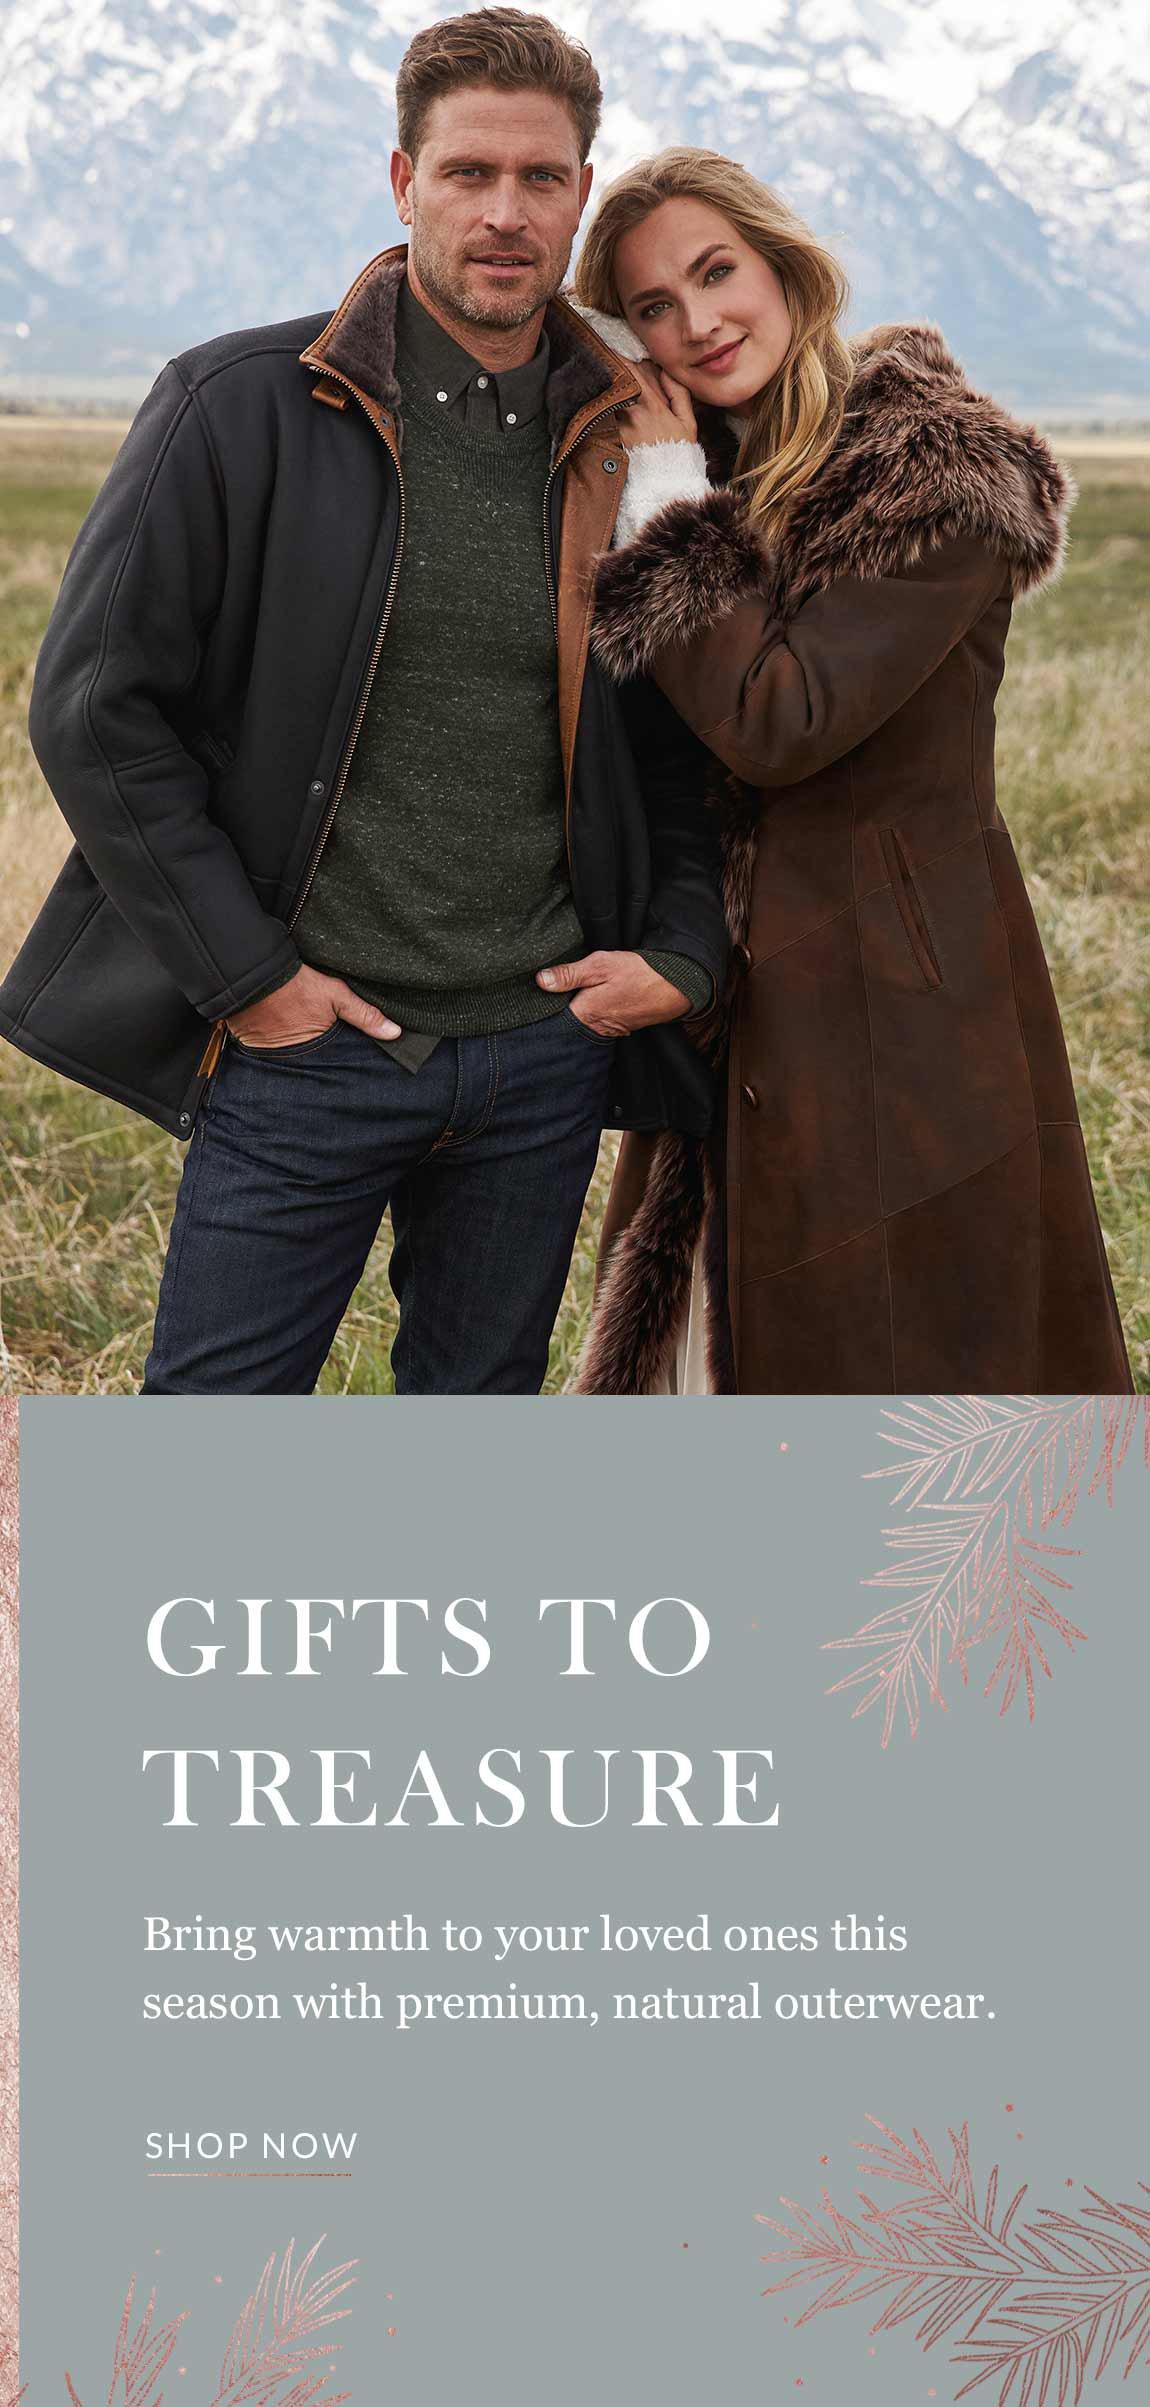 Couple wearing sheepskin coats